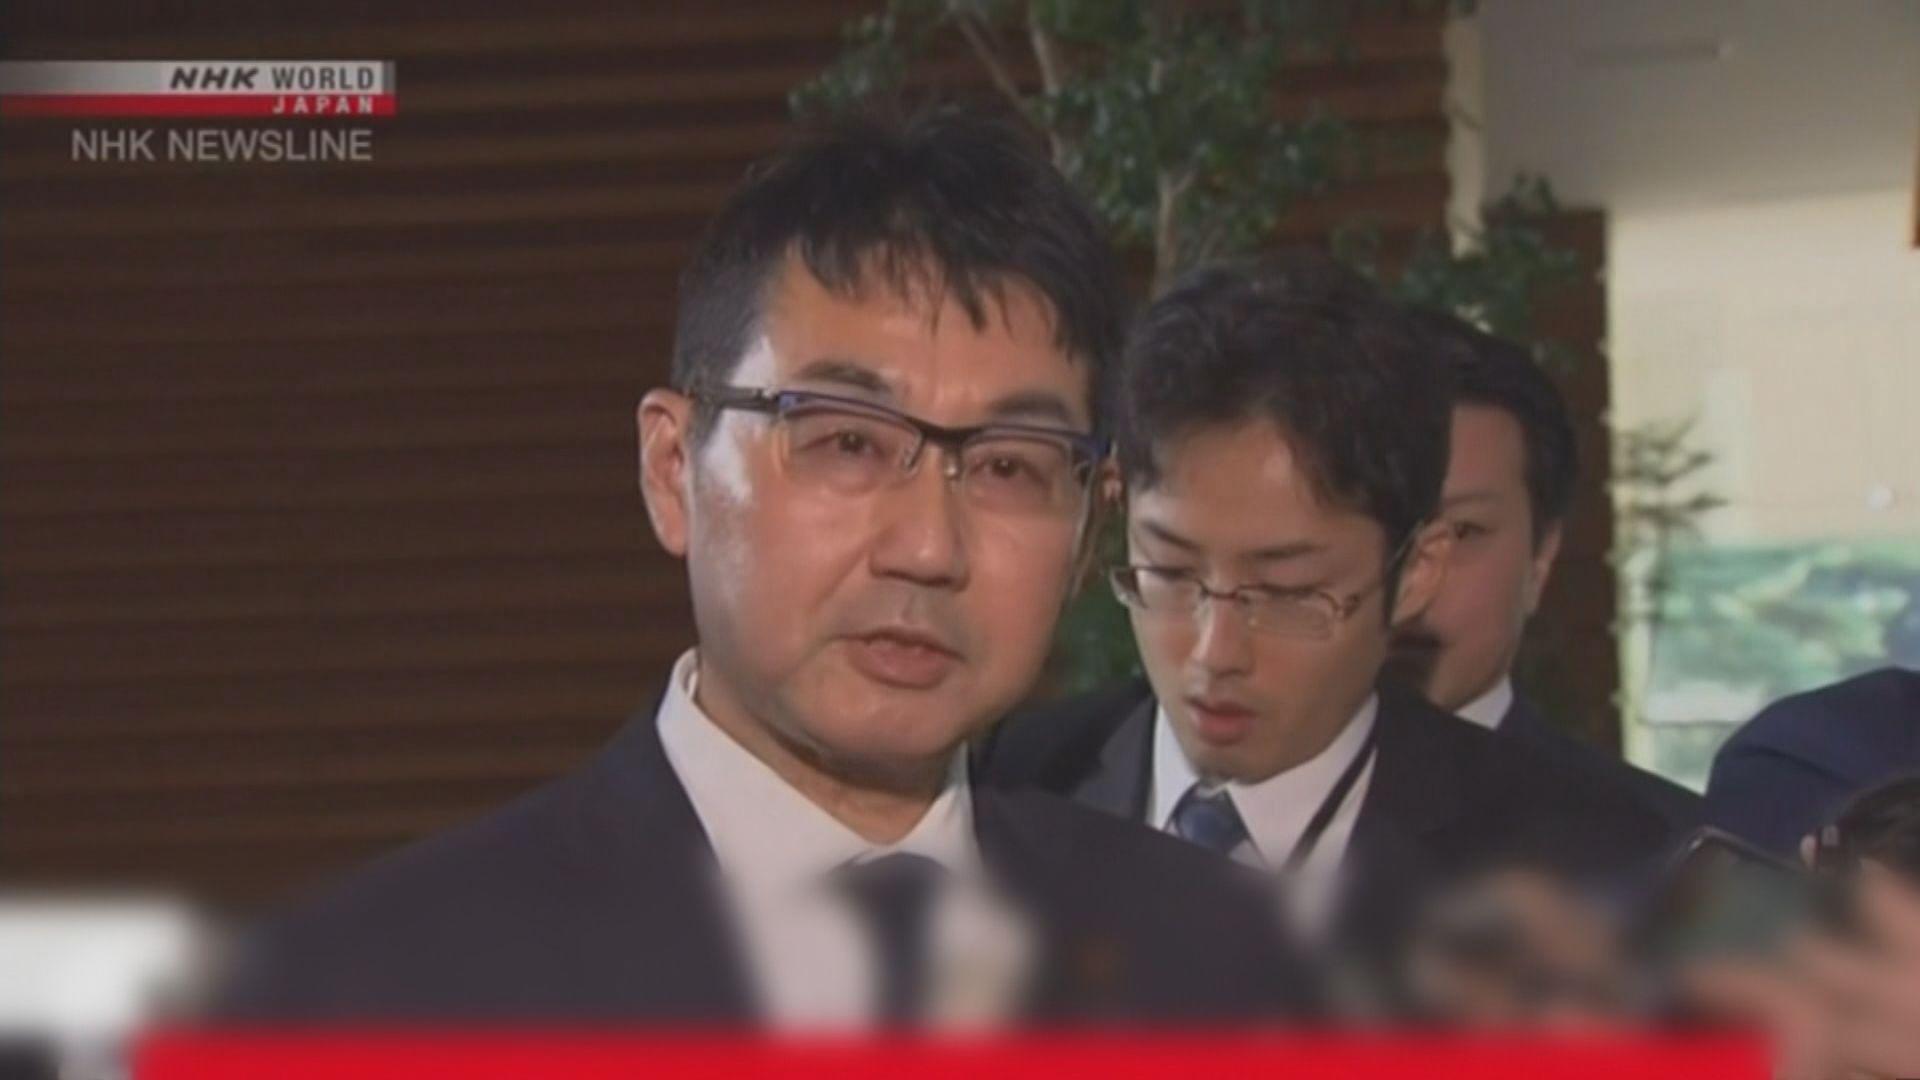 日本法務大臣辭職 報道指其妻涉賄選